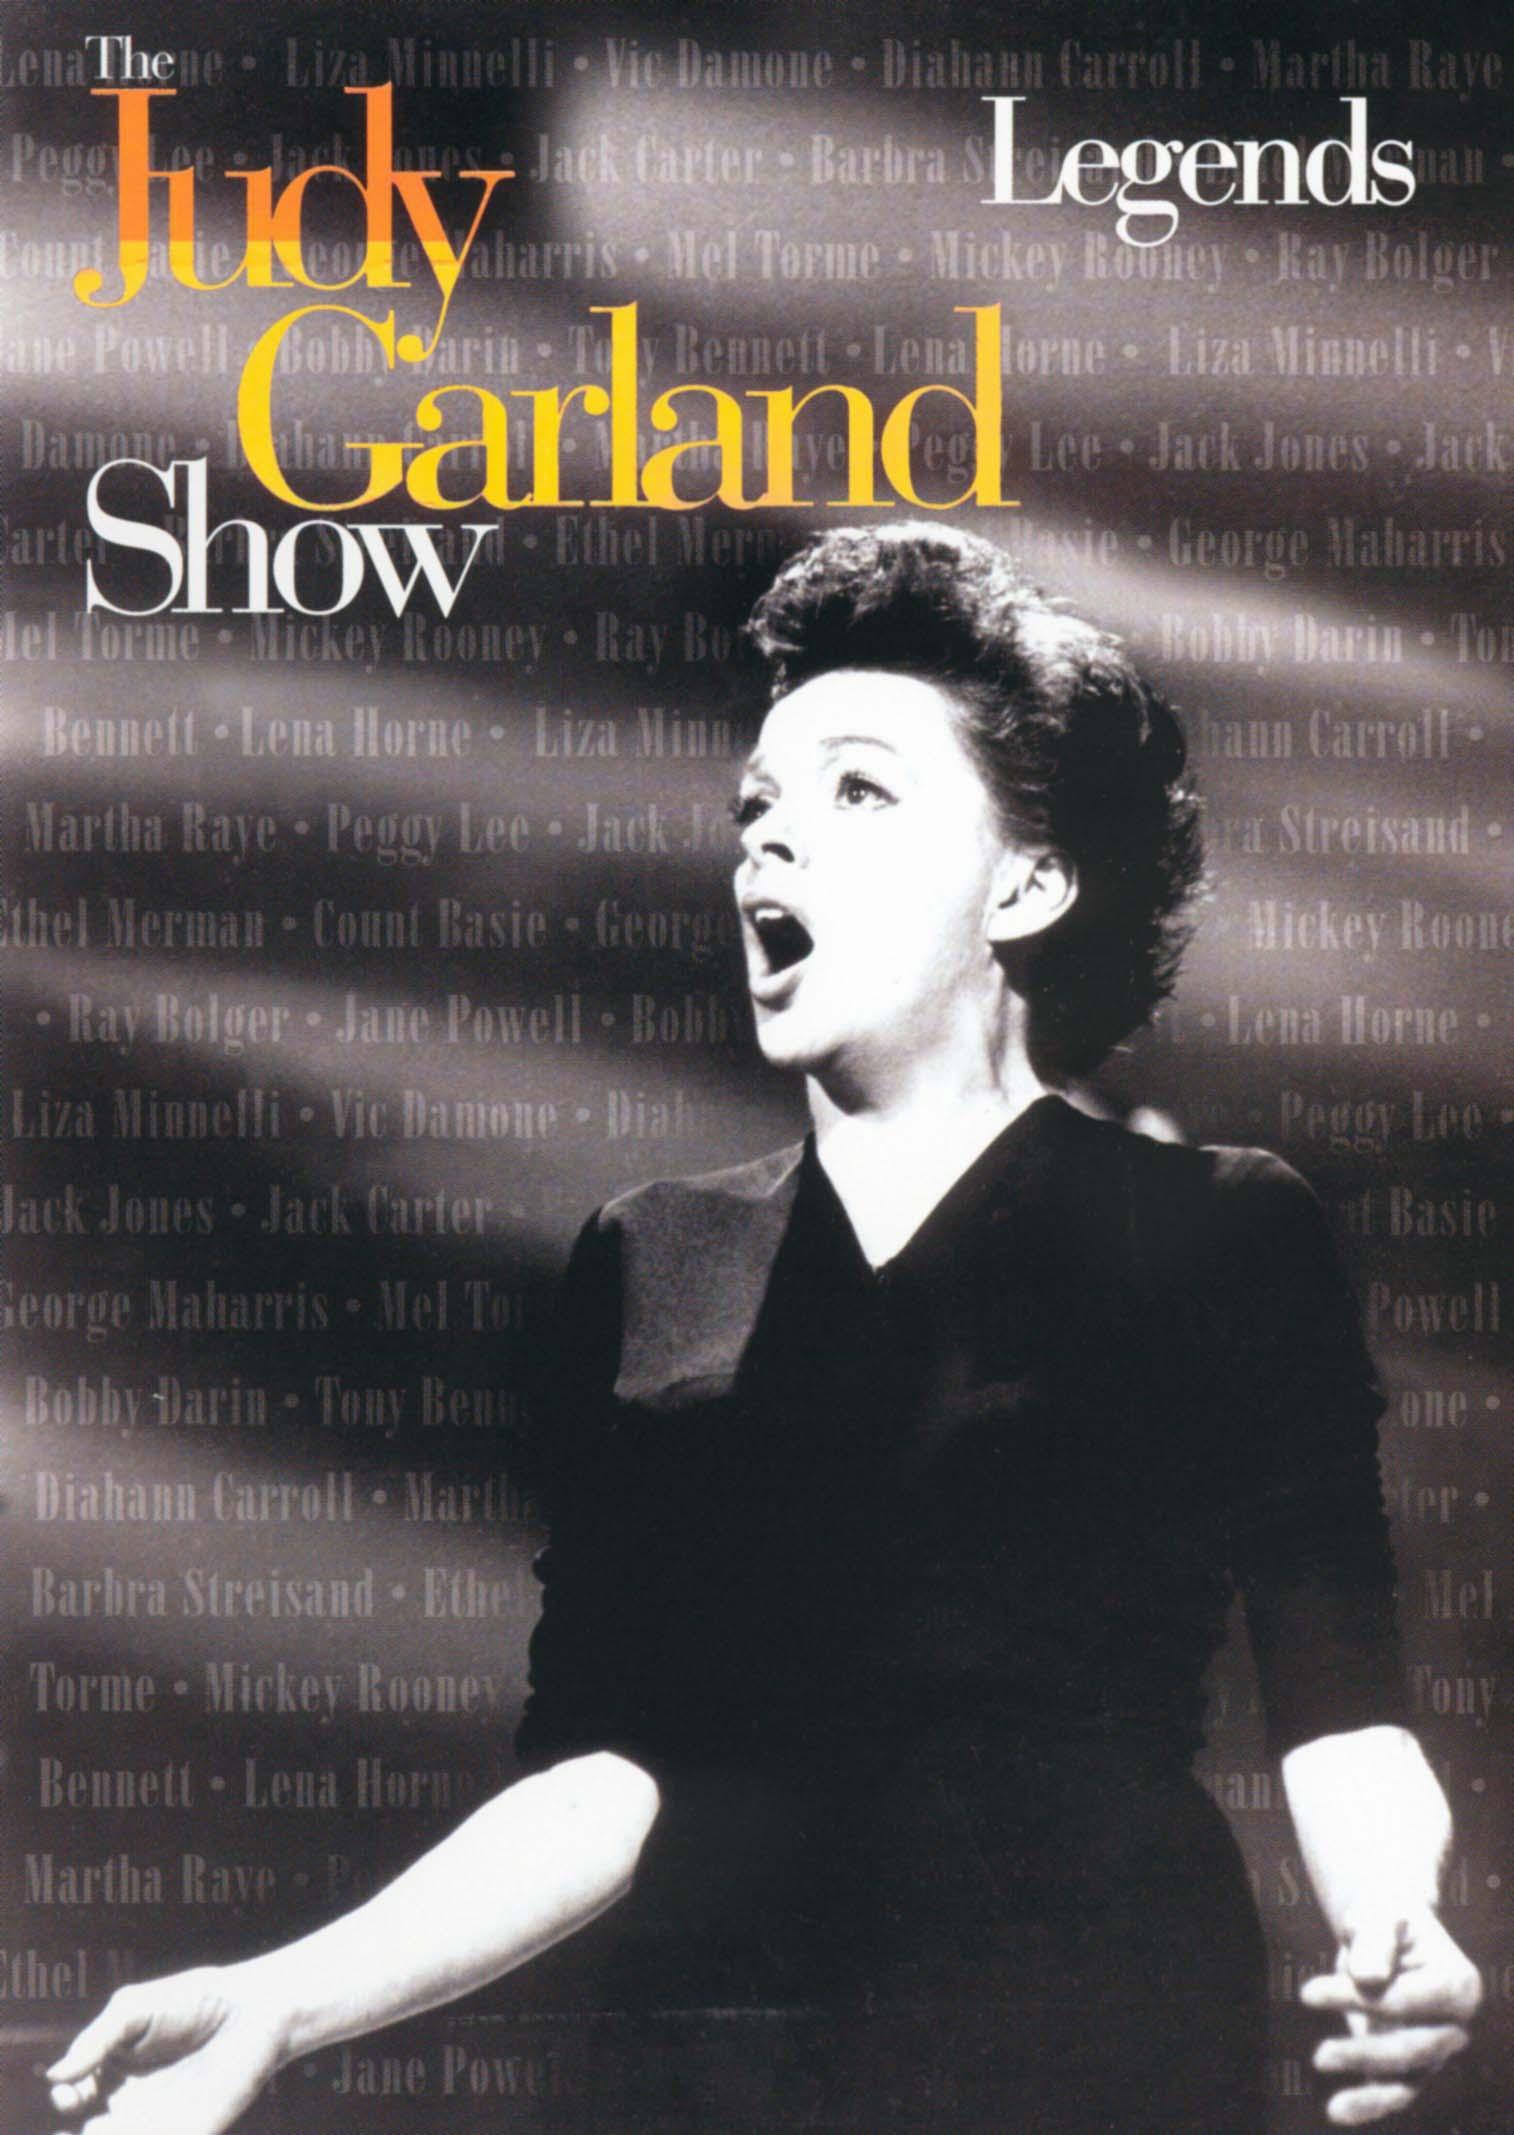 The Judy Garland Show: Legends